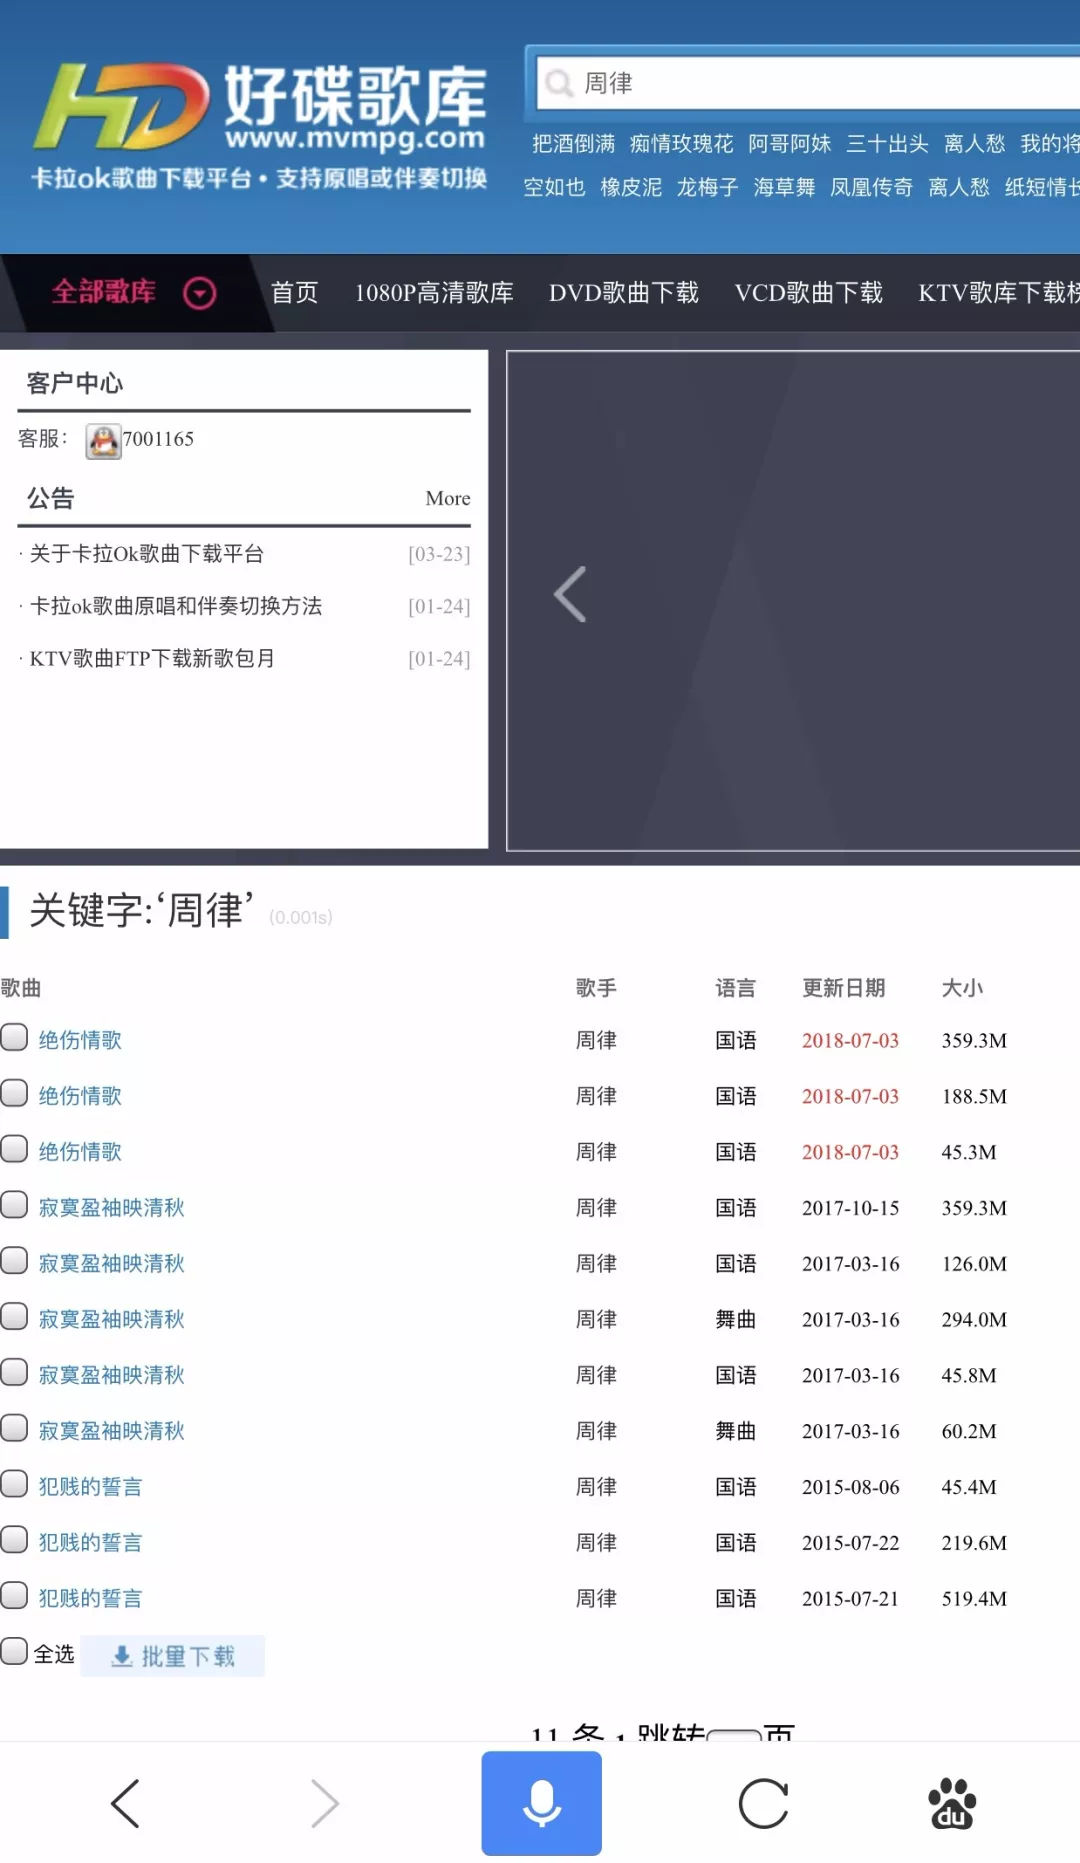 2019伤情歌曲排行榜_伤感歌曲排行榜,2019最好听的伤感歌曲火遍大江南北